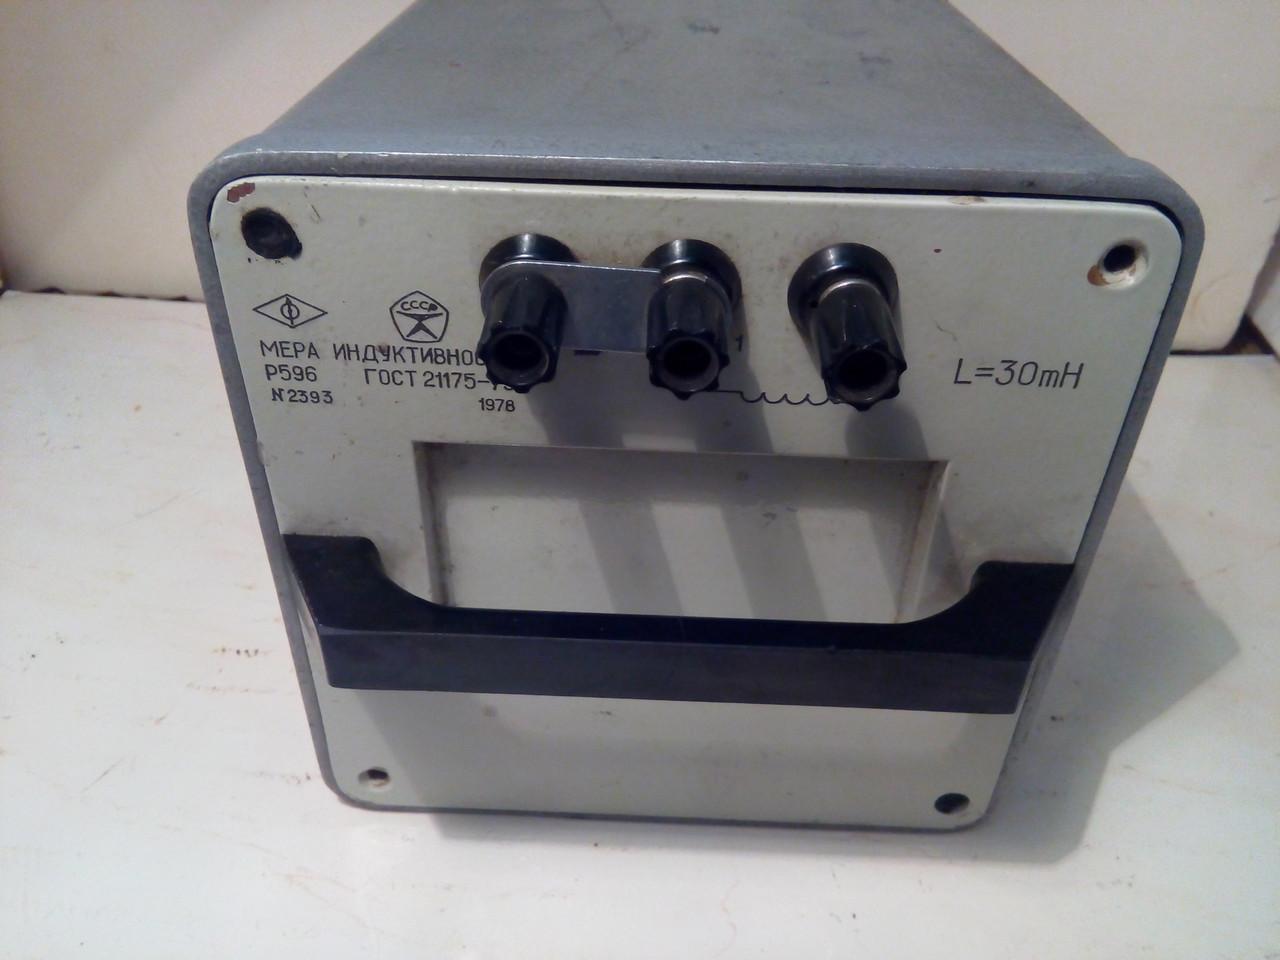 Меры индуктивности  Р 596  возможна калибровка в УкрЦСМ